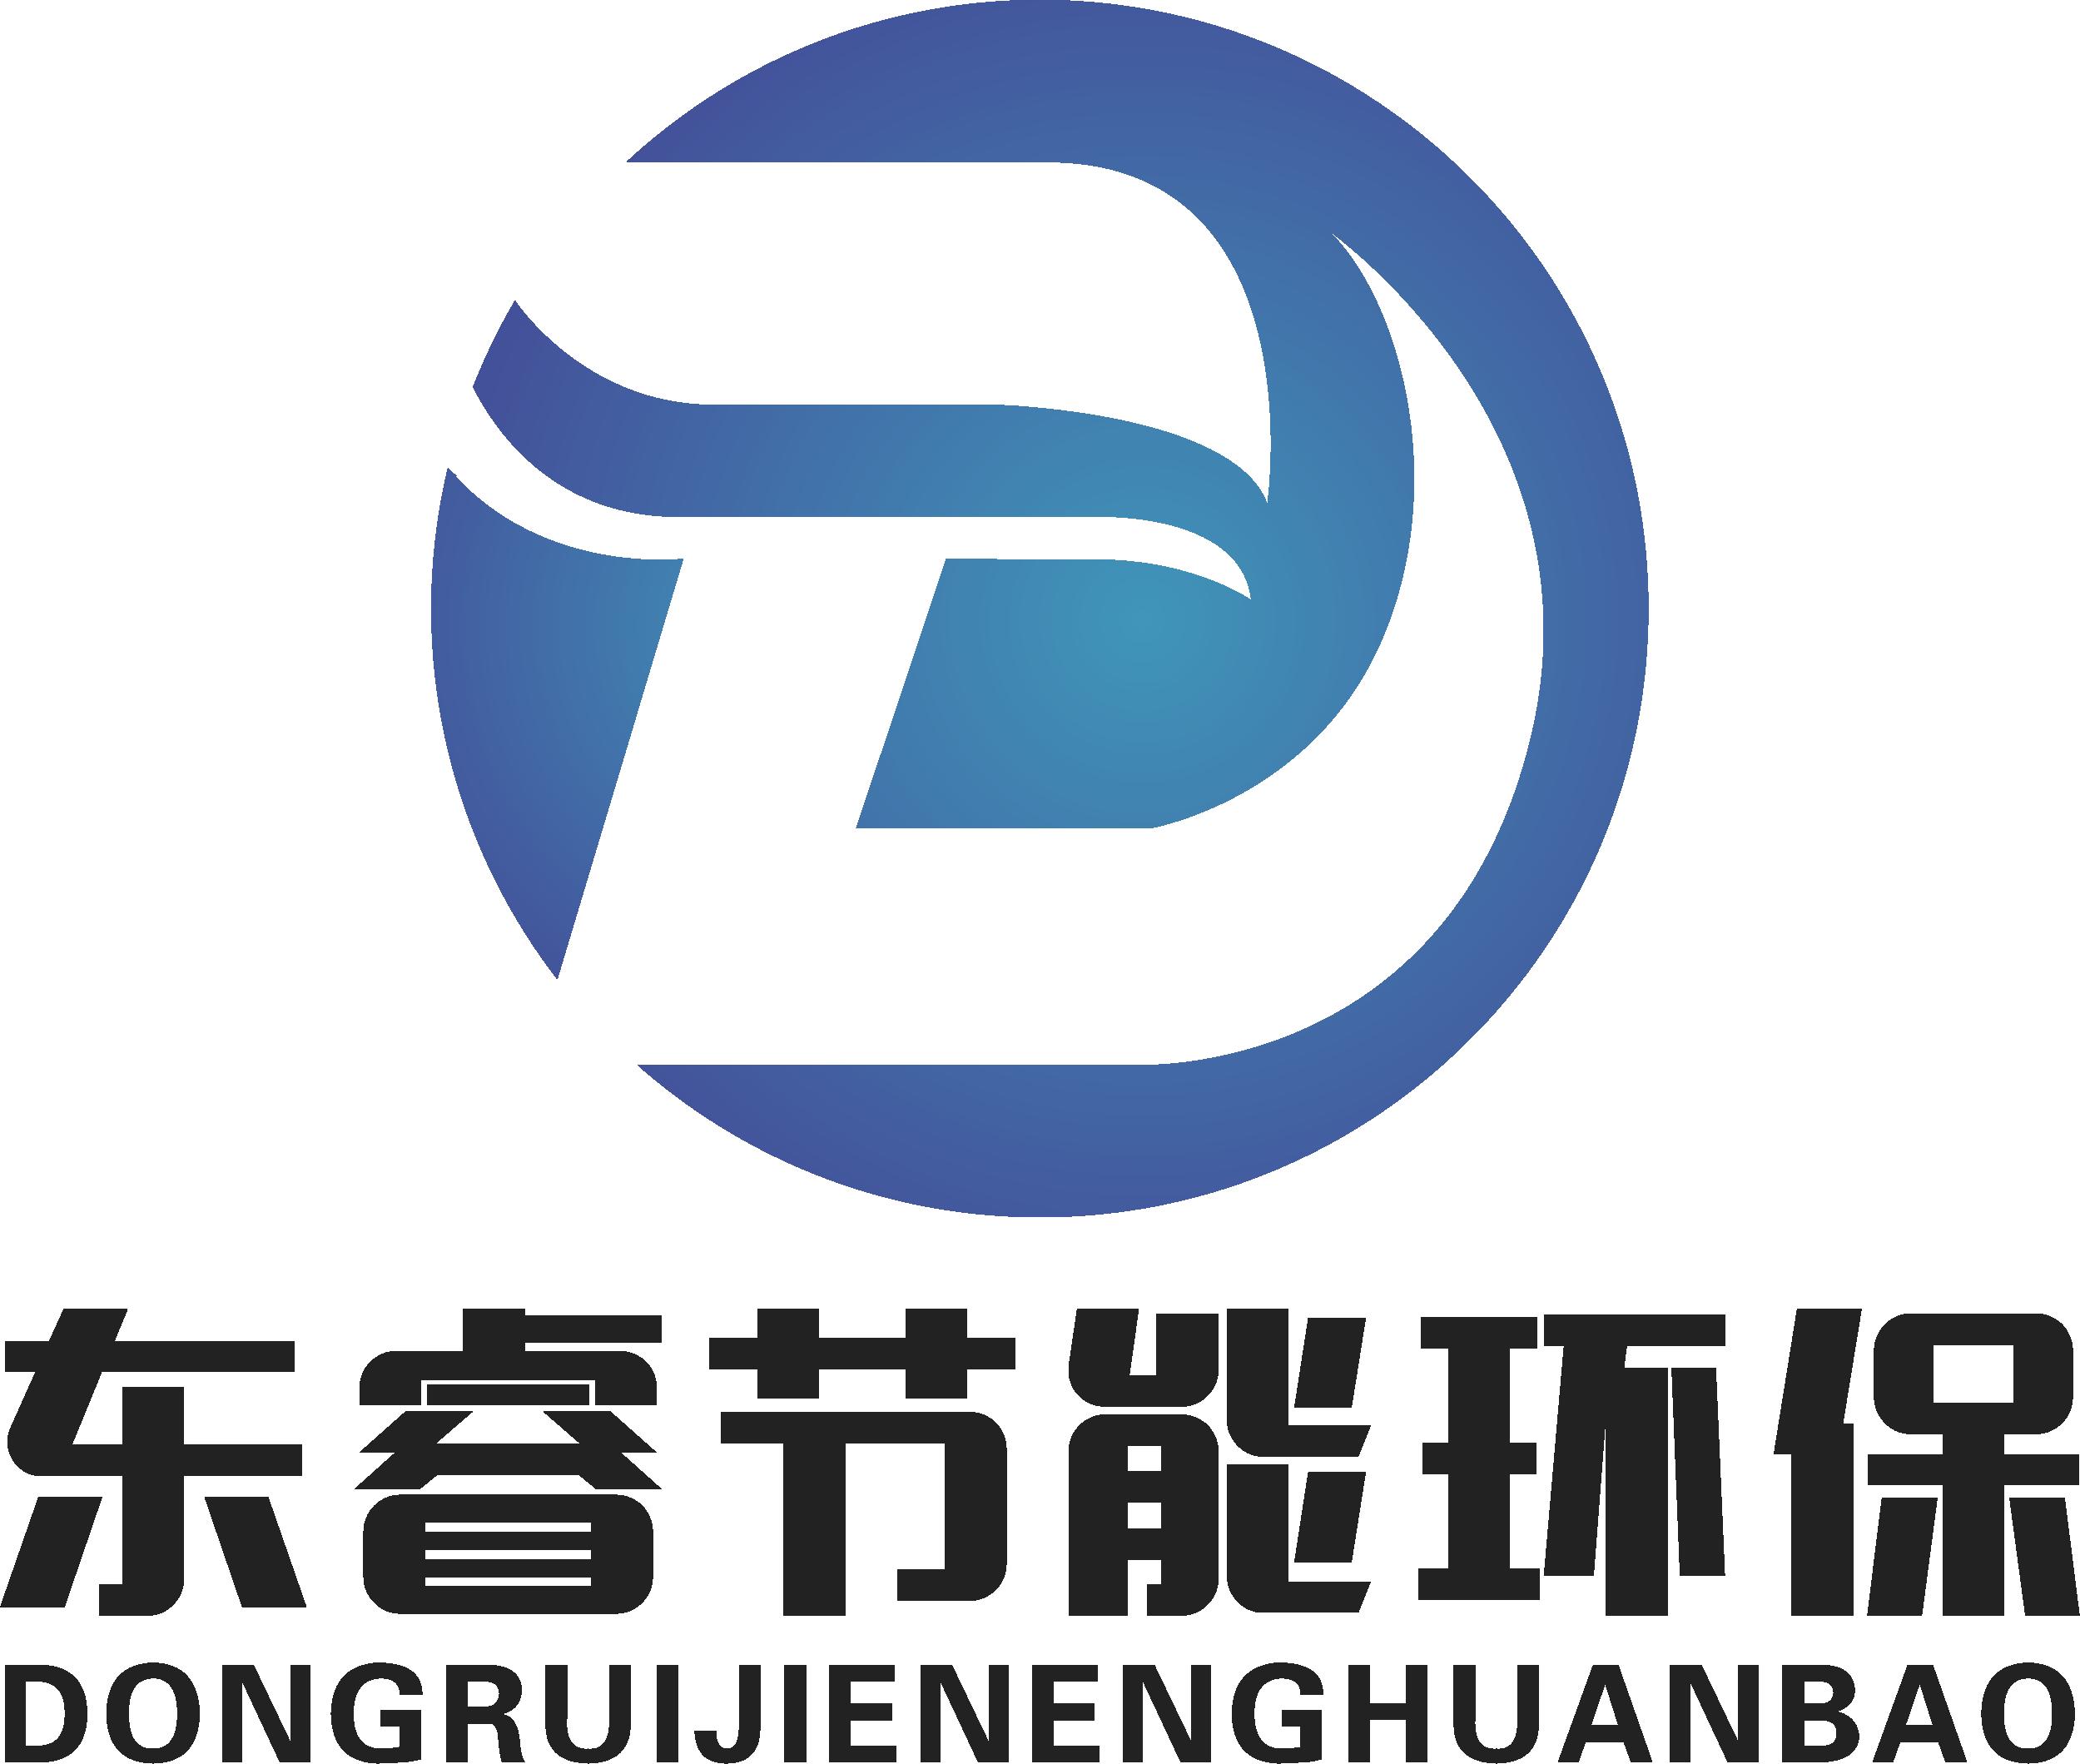 苏州东睿节能环保科技ballbet贝博app下载iosLOGO